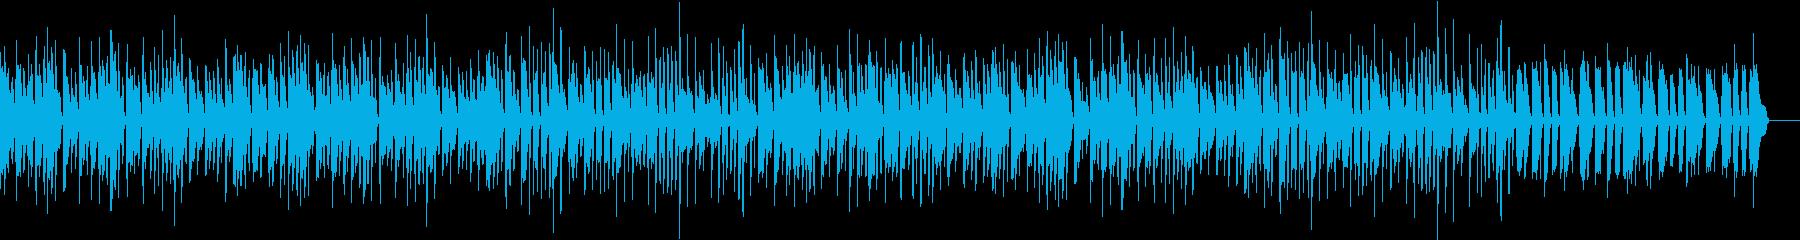 子供がちょこまか動き回るイメージの曲の再生済みの波形